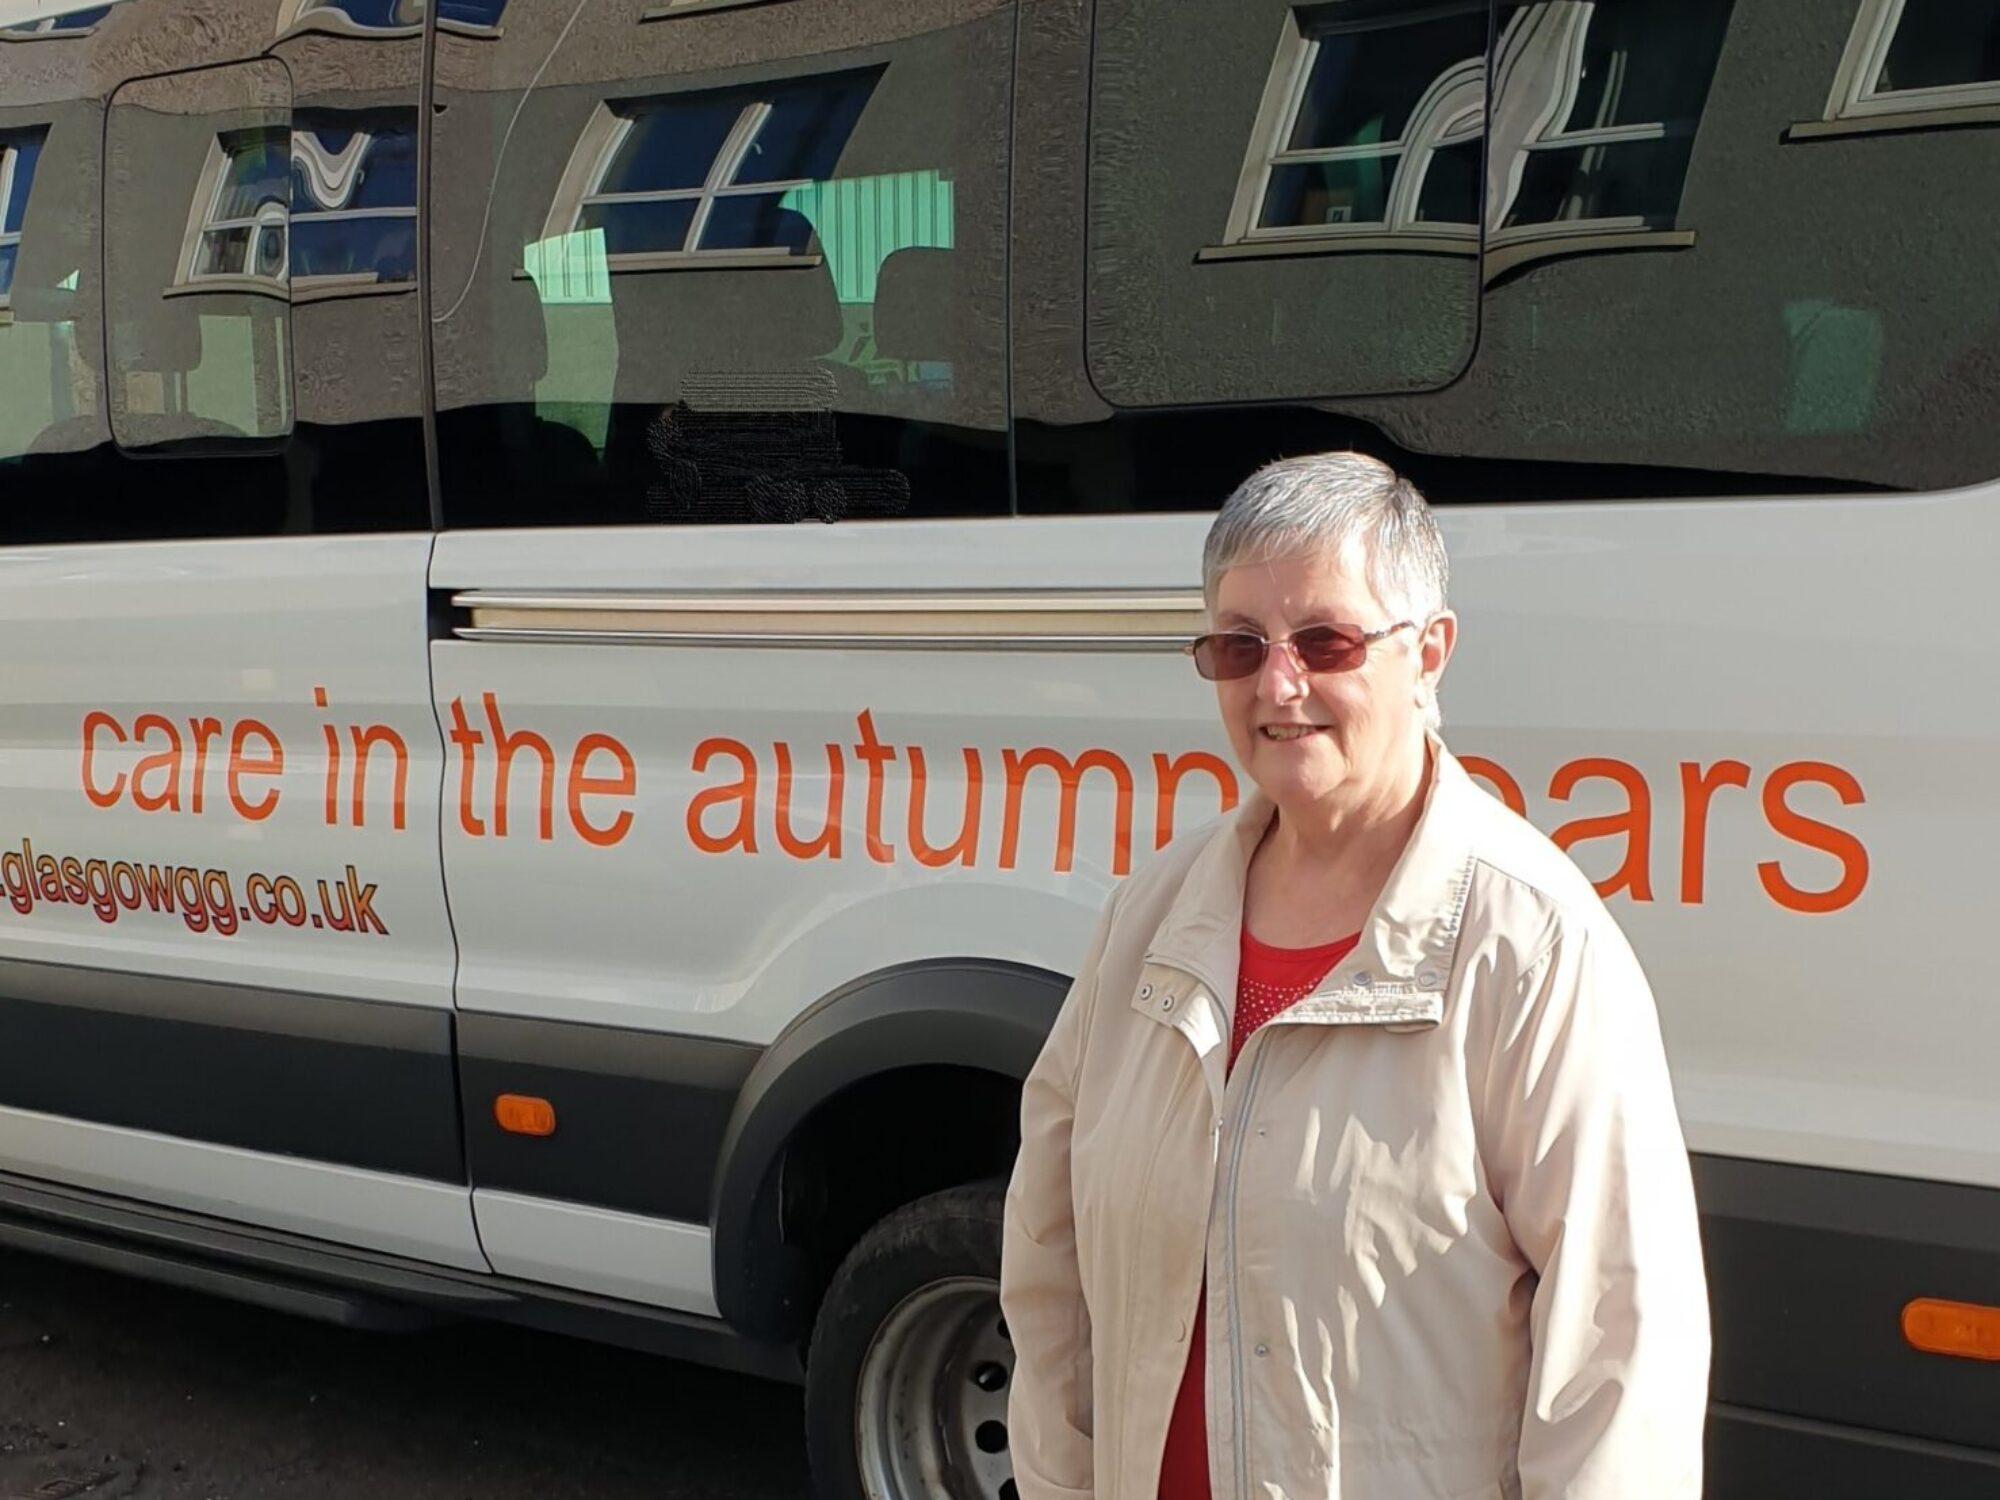 Glasgow's Golden Generation delivers 10,000 parcels to older adults